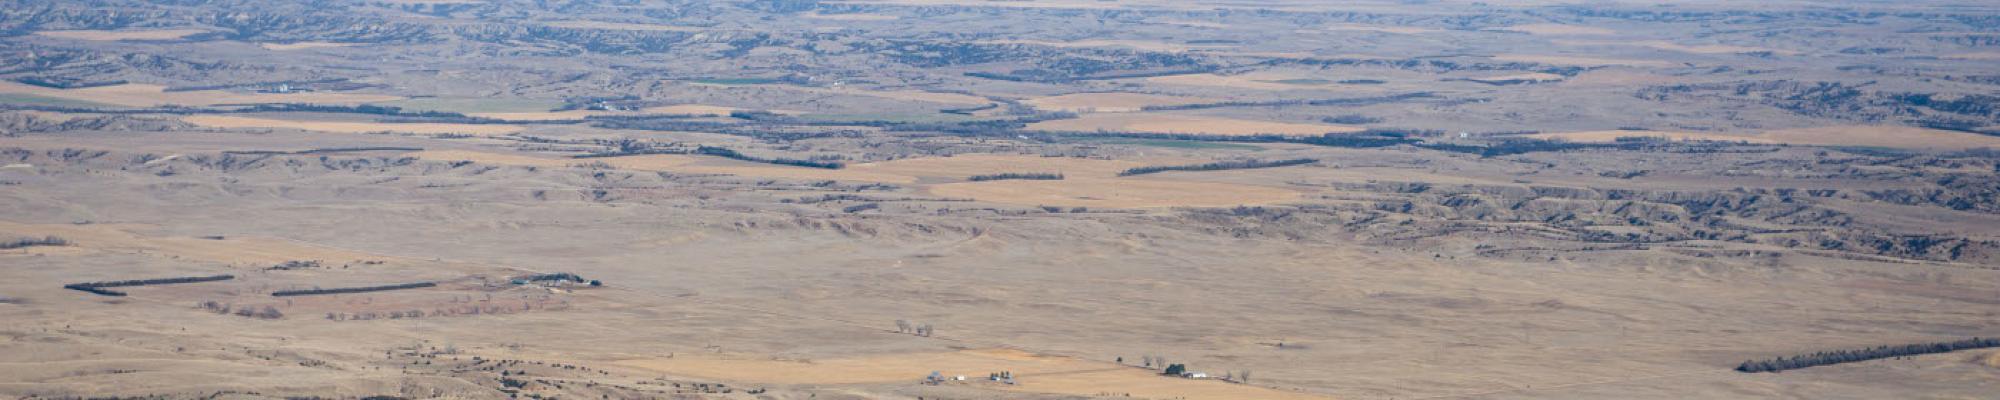 NE Rural Landscape